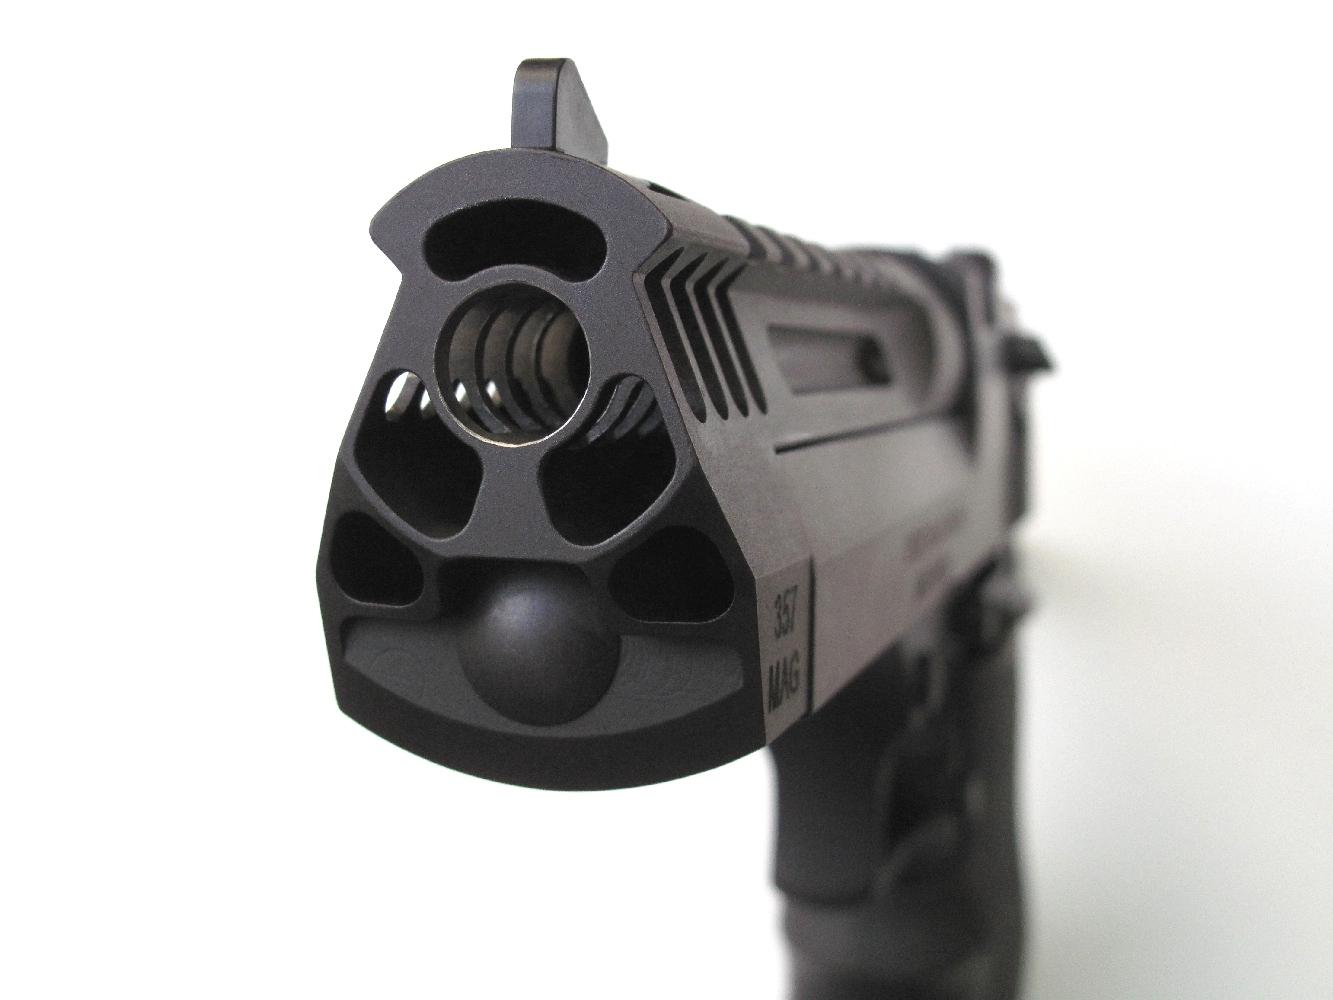 Ce modèle compact dispose d'un frein de bouche très largement directement usiné dans l'imposante masse d'acier de son canon.